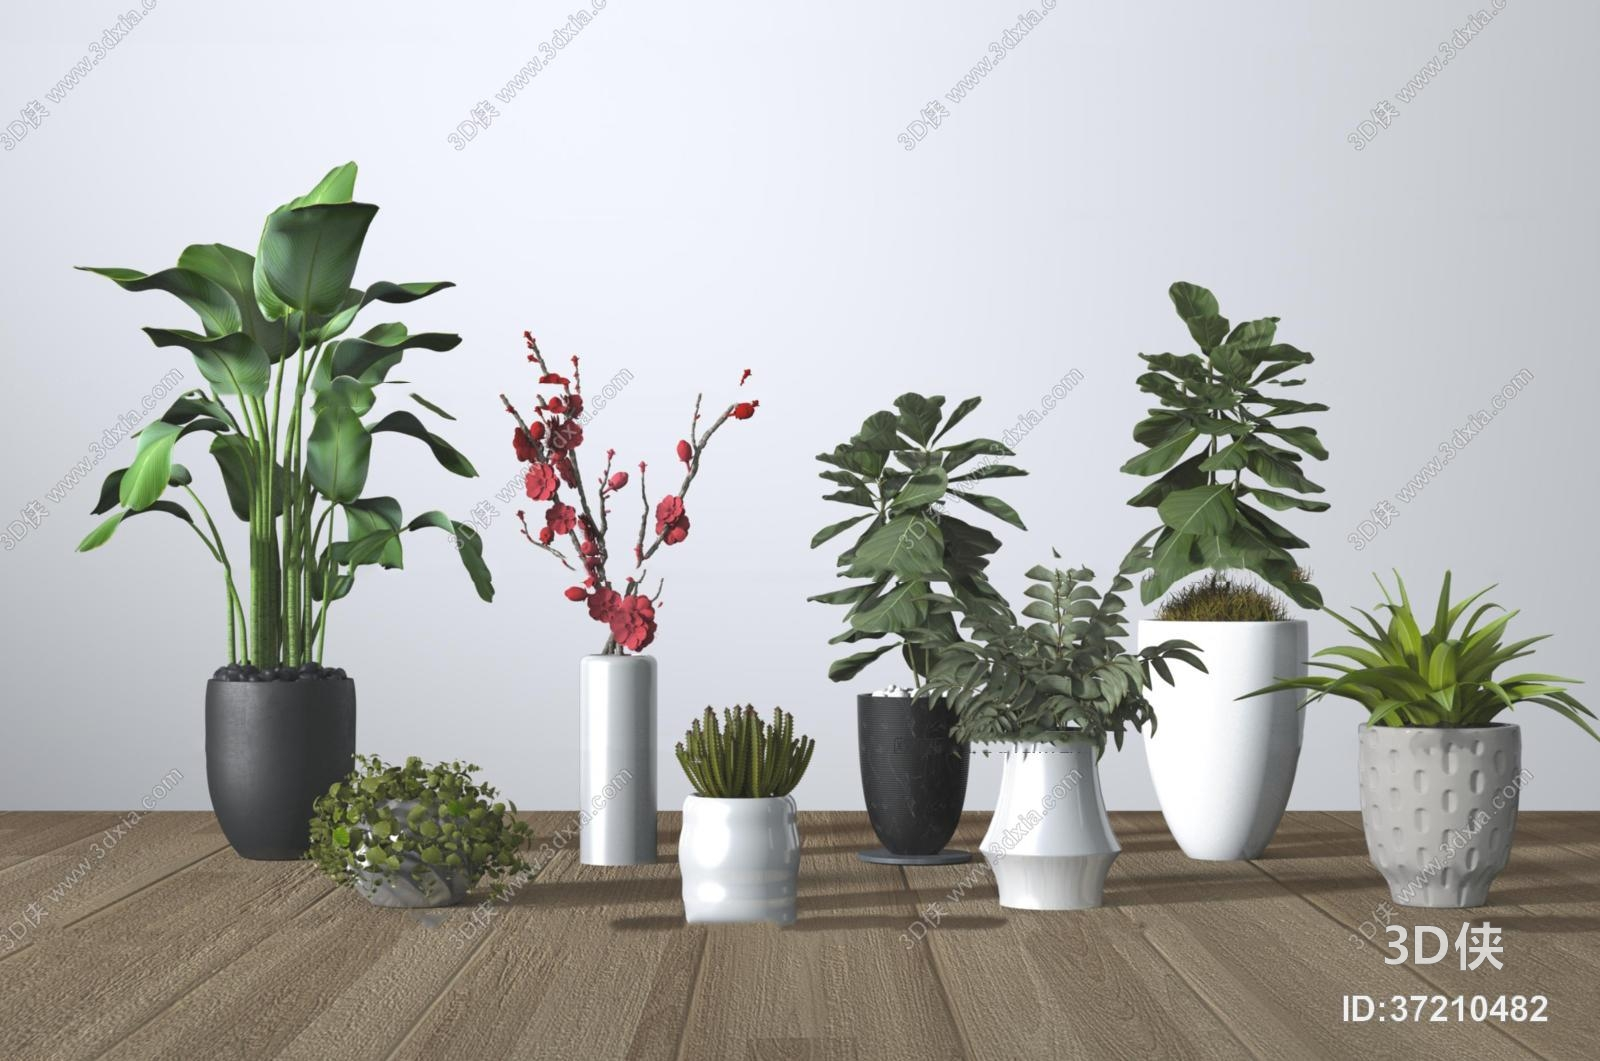 盆栽效果图素材免费下载,本作品主题是现代植物盆栽组合3d模型,编号是